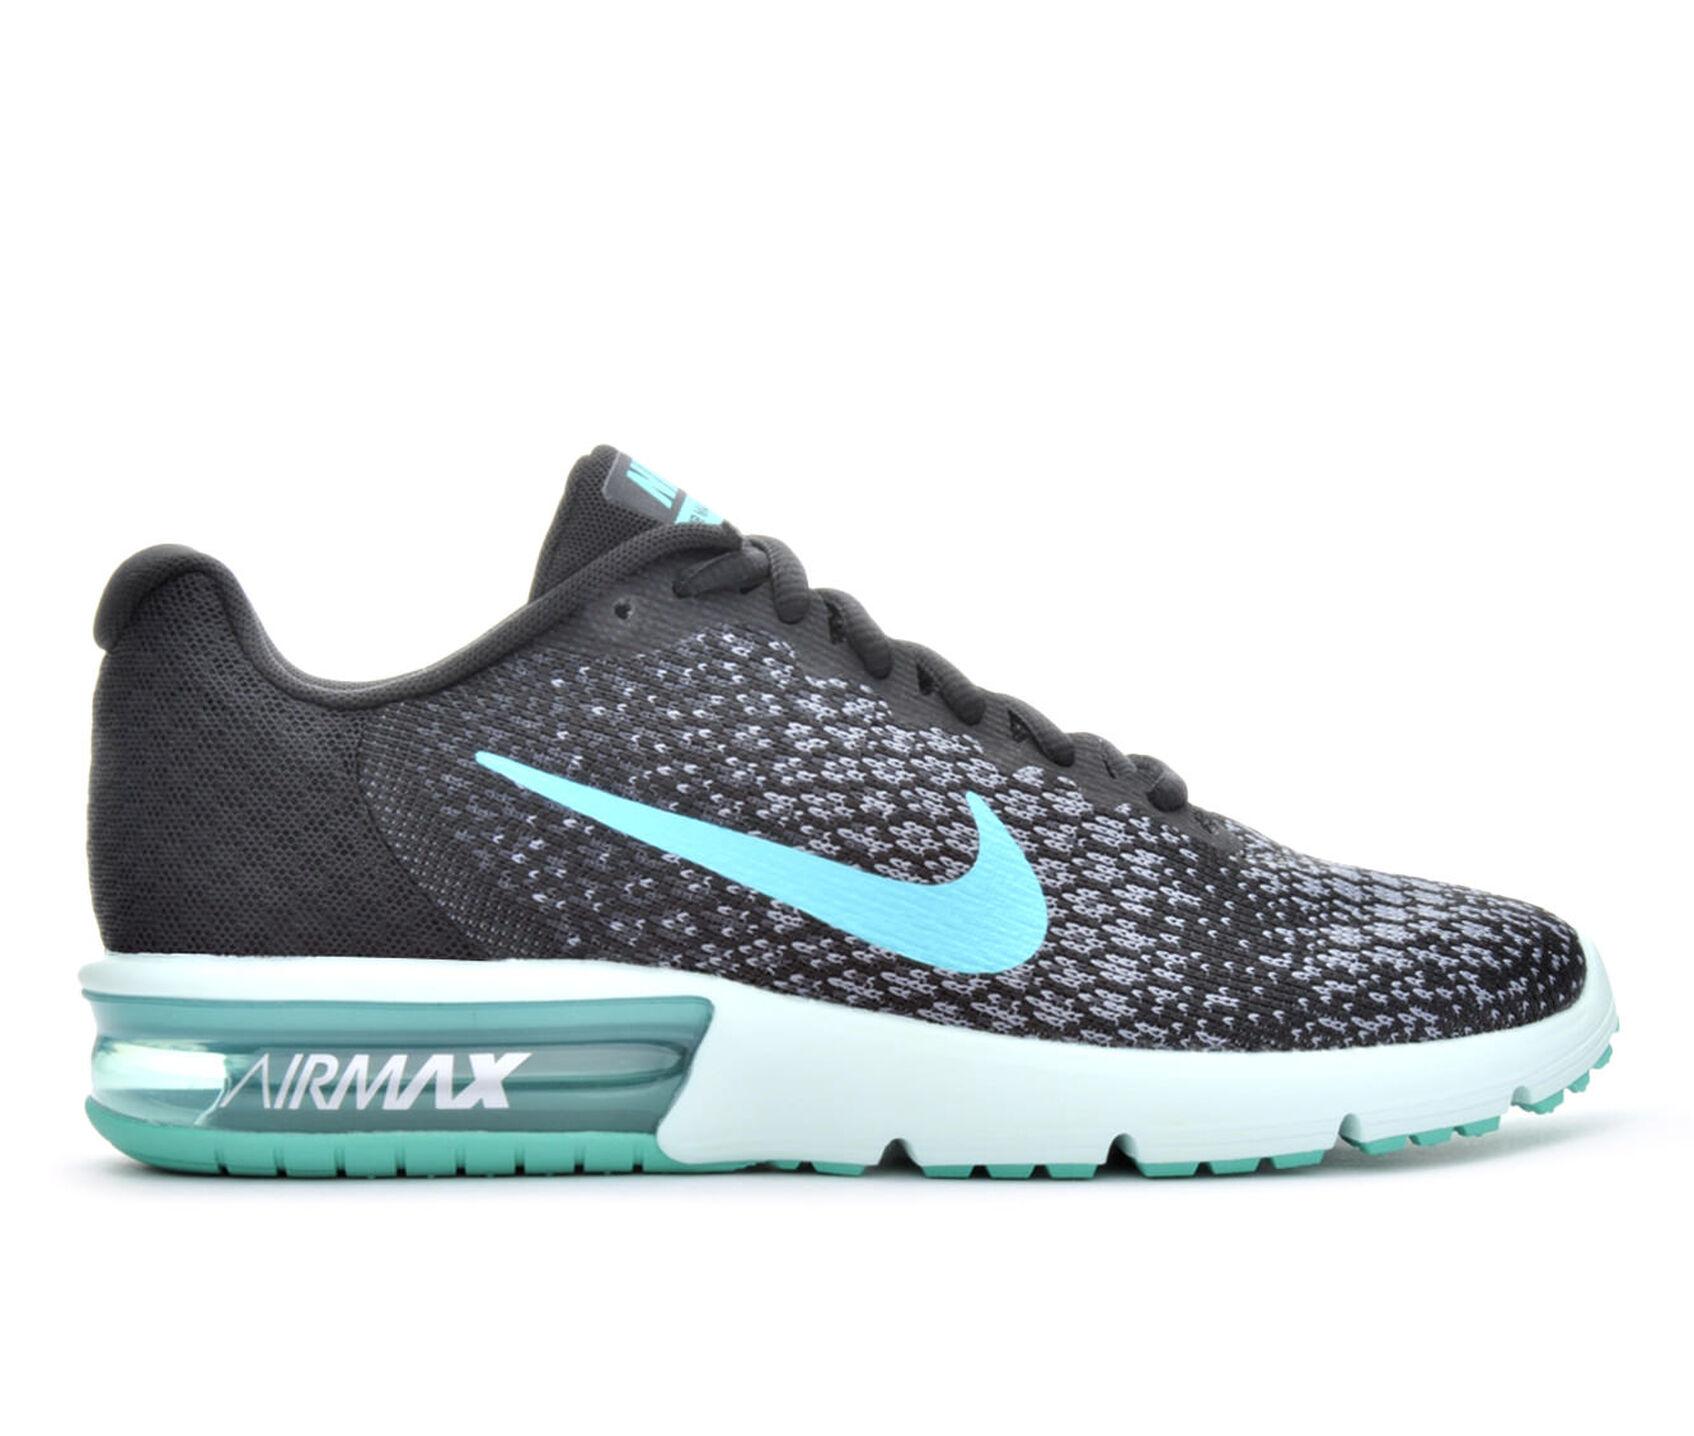 Top Comfort Shoe Brands For Women